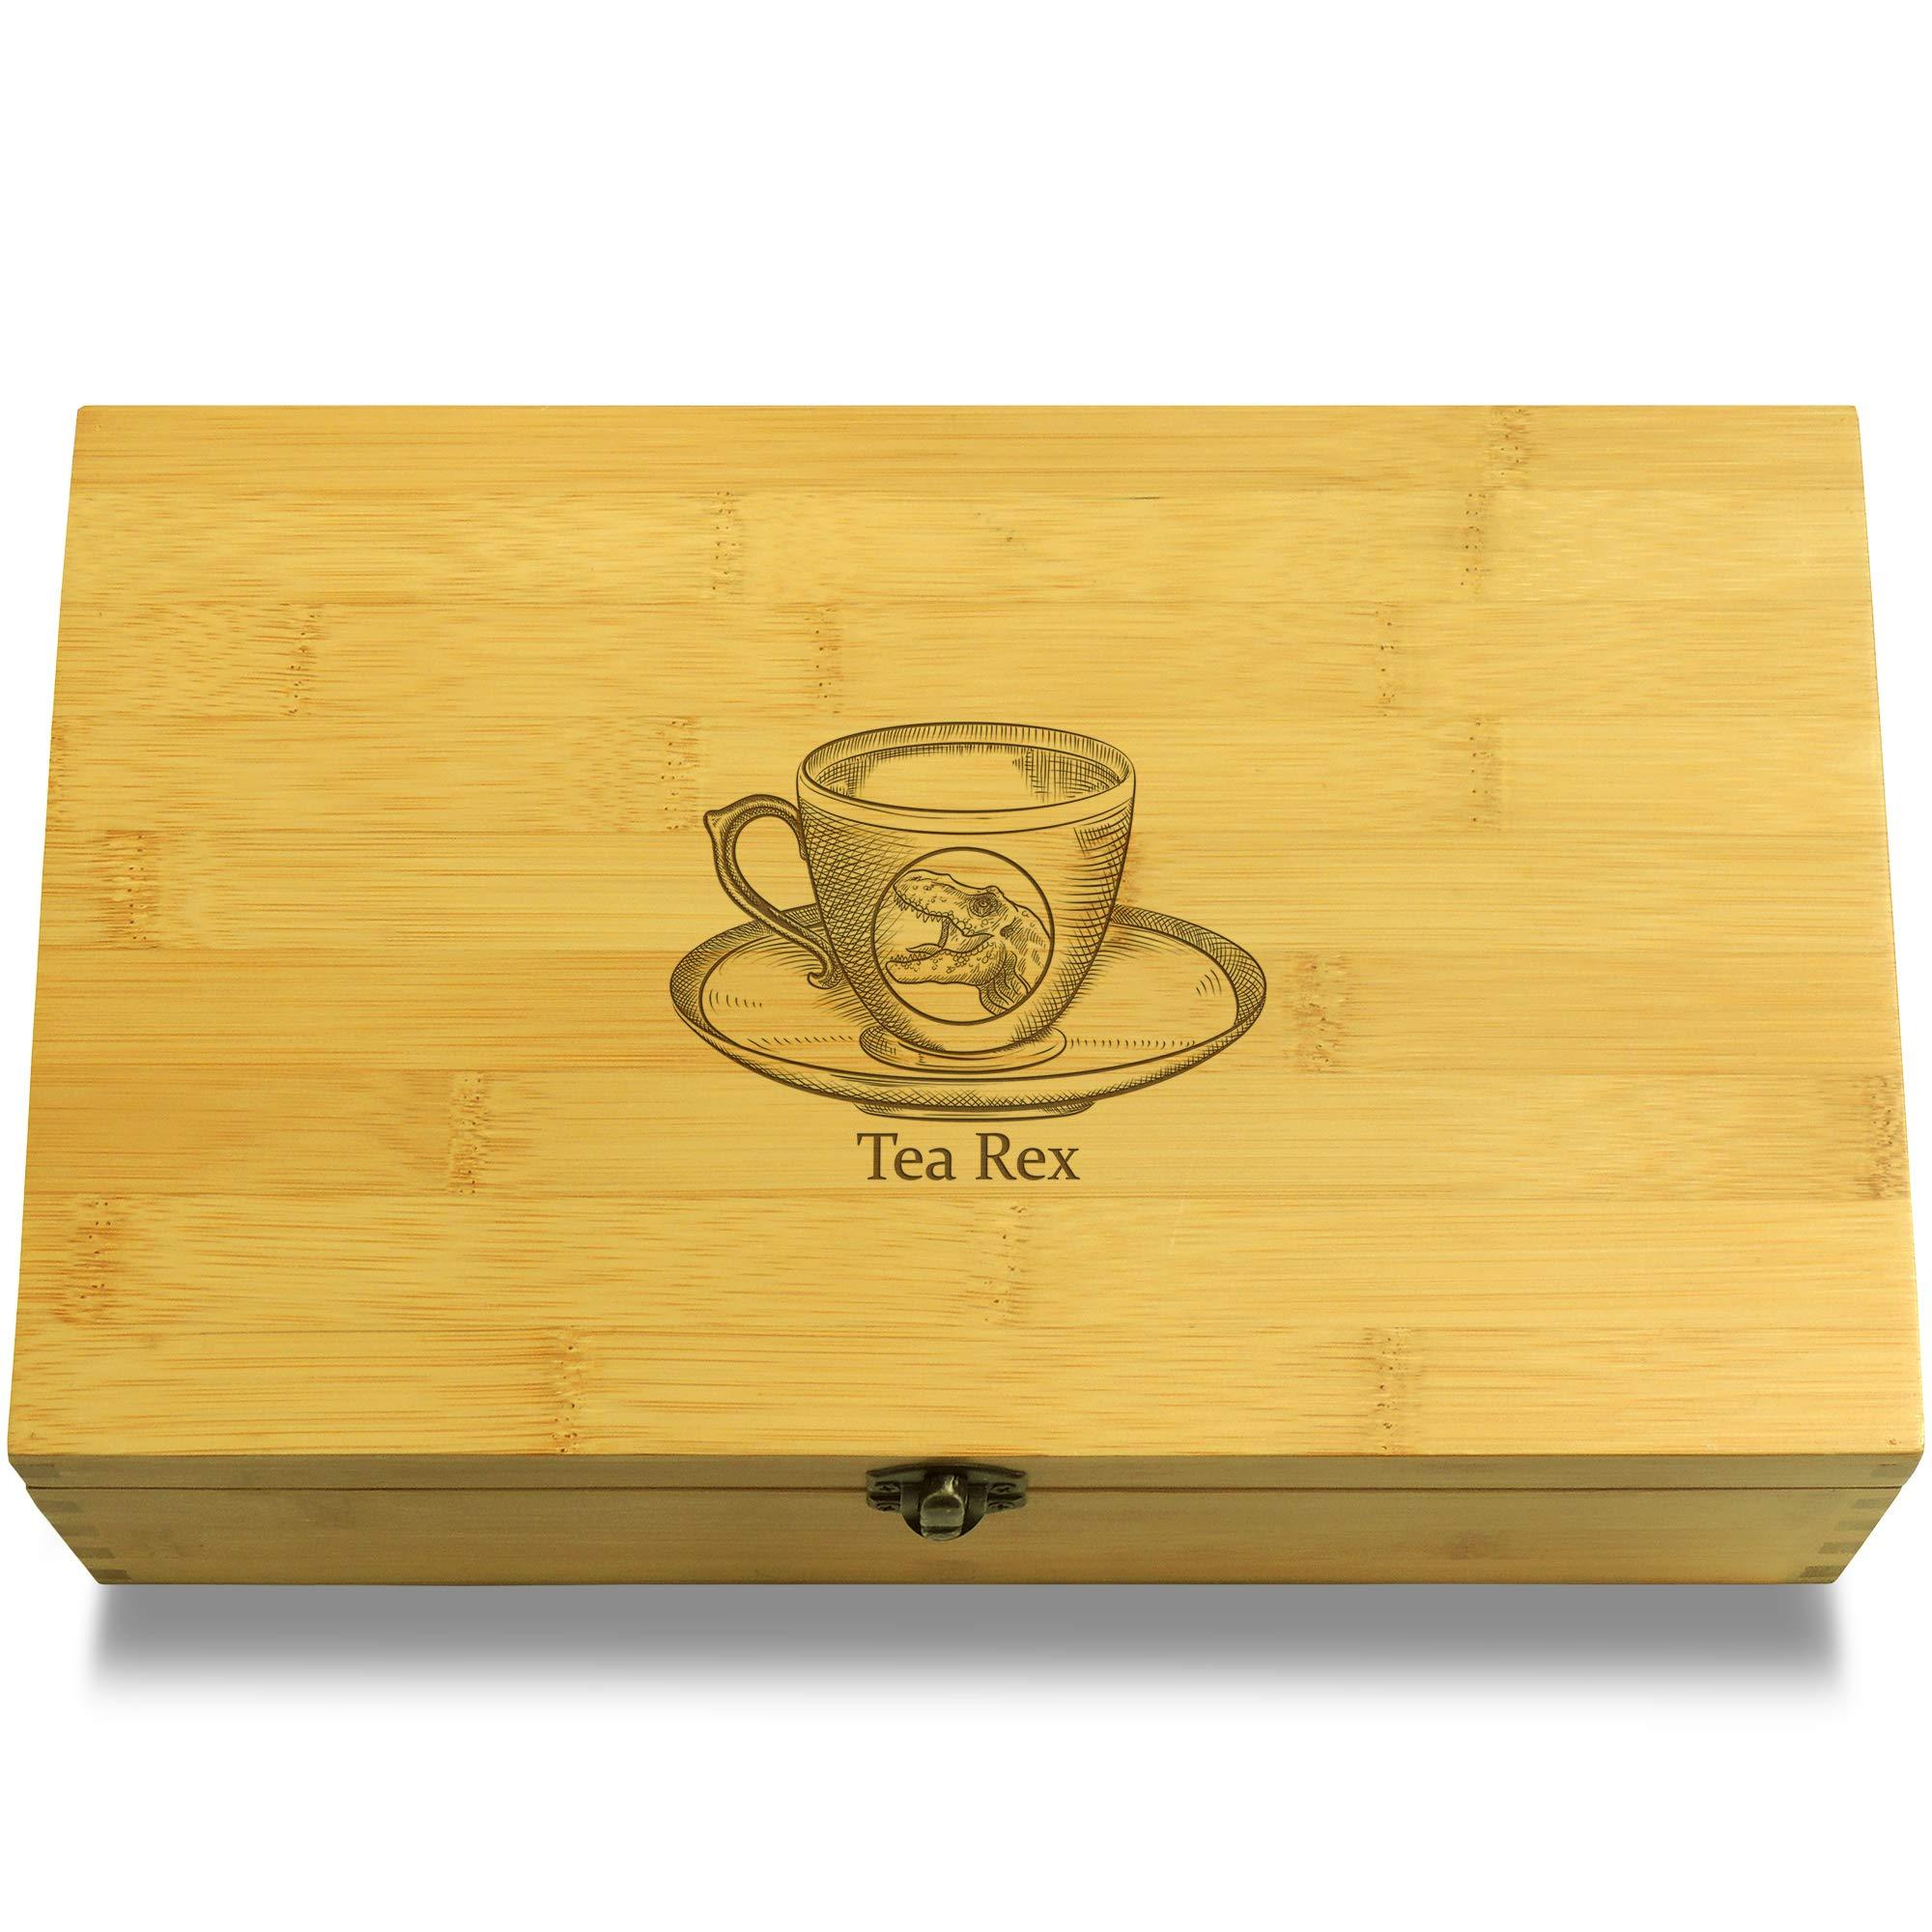 Cookbook People Tea Rex Multikeep Teabox - Decorative Bamboo Wood Adjustable Organizer